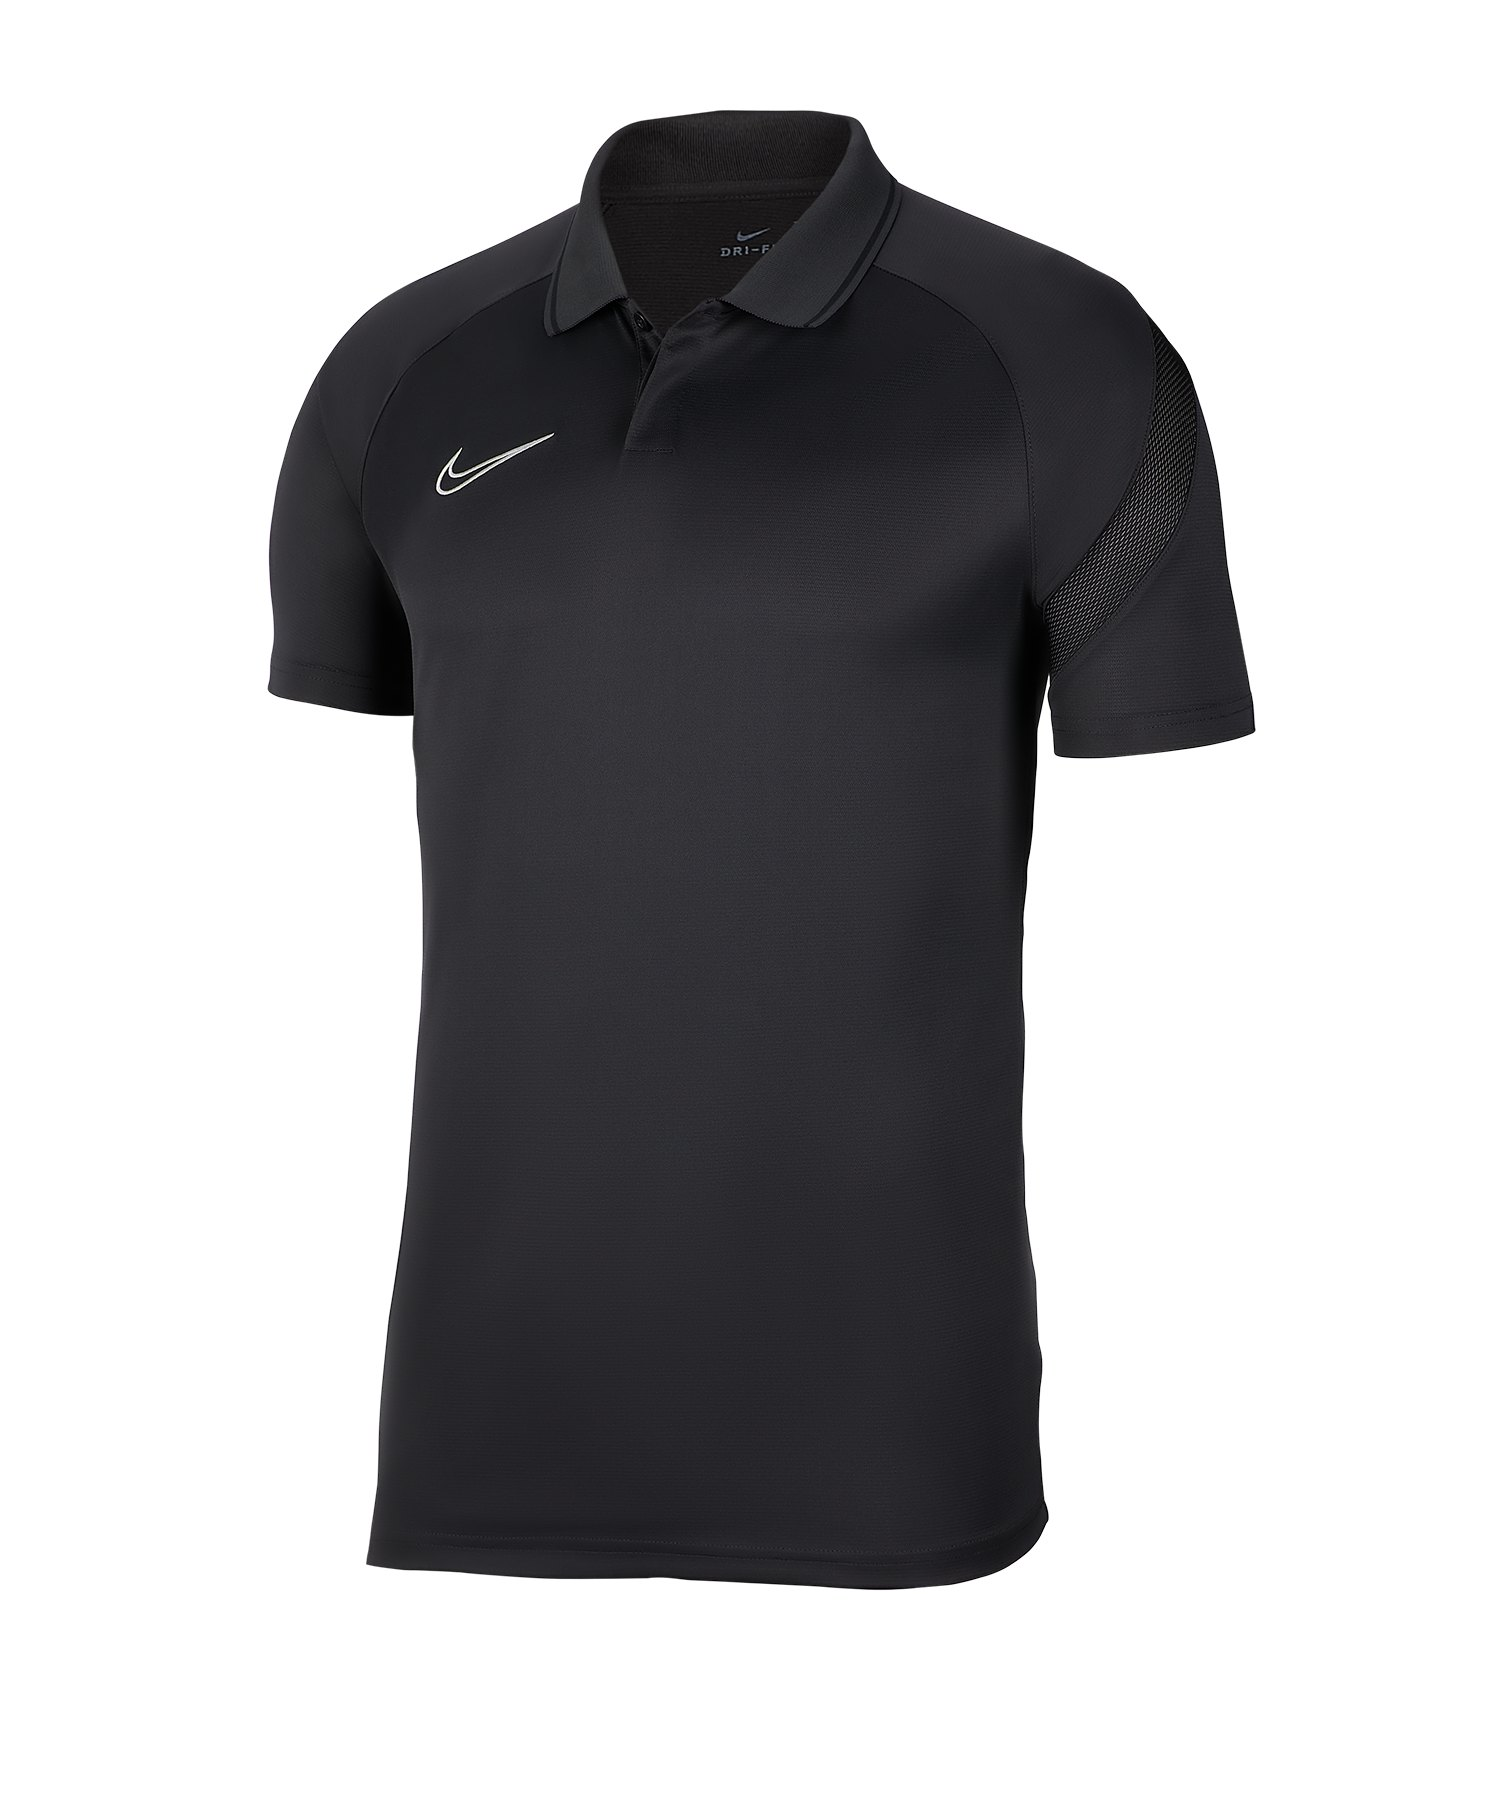 Nike Academy Pro Poloshirt Grau F062 - grau